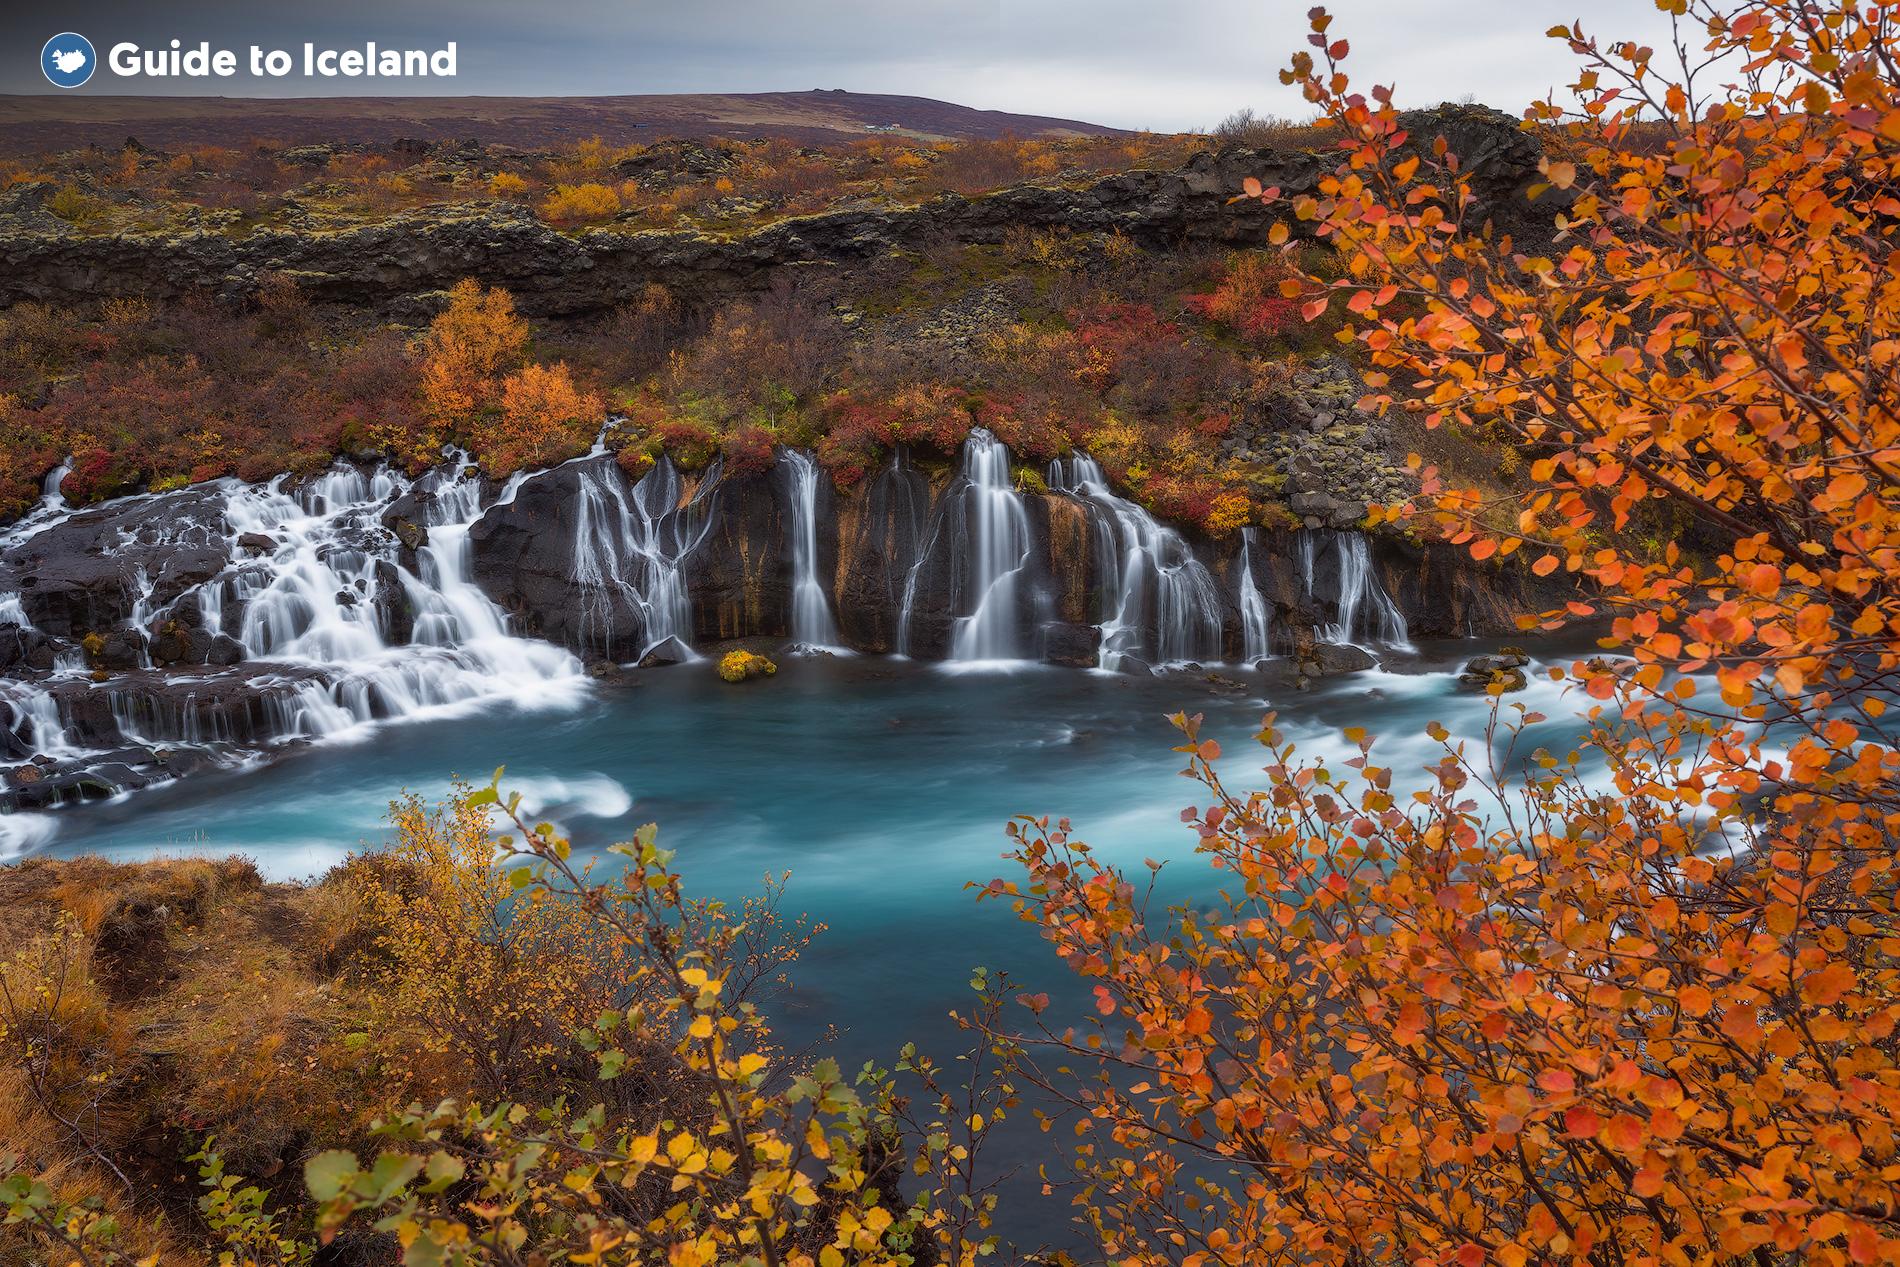 Autotour de 8 jours | Tour de l'Islande en camping - day 7